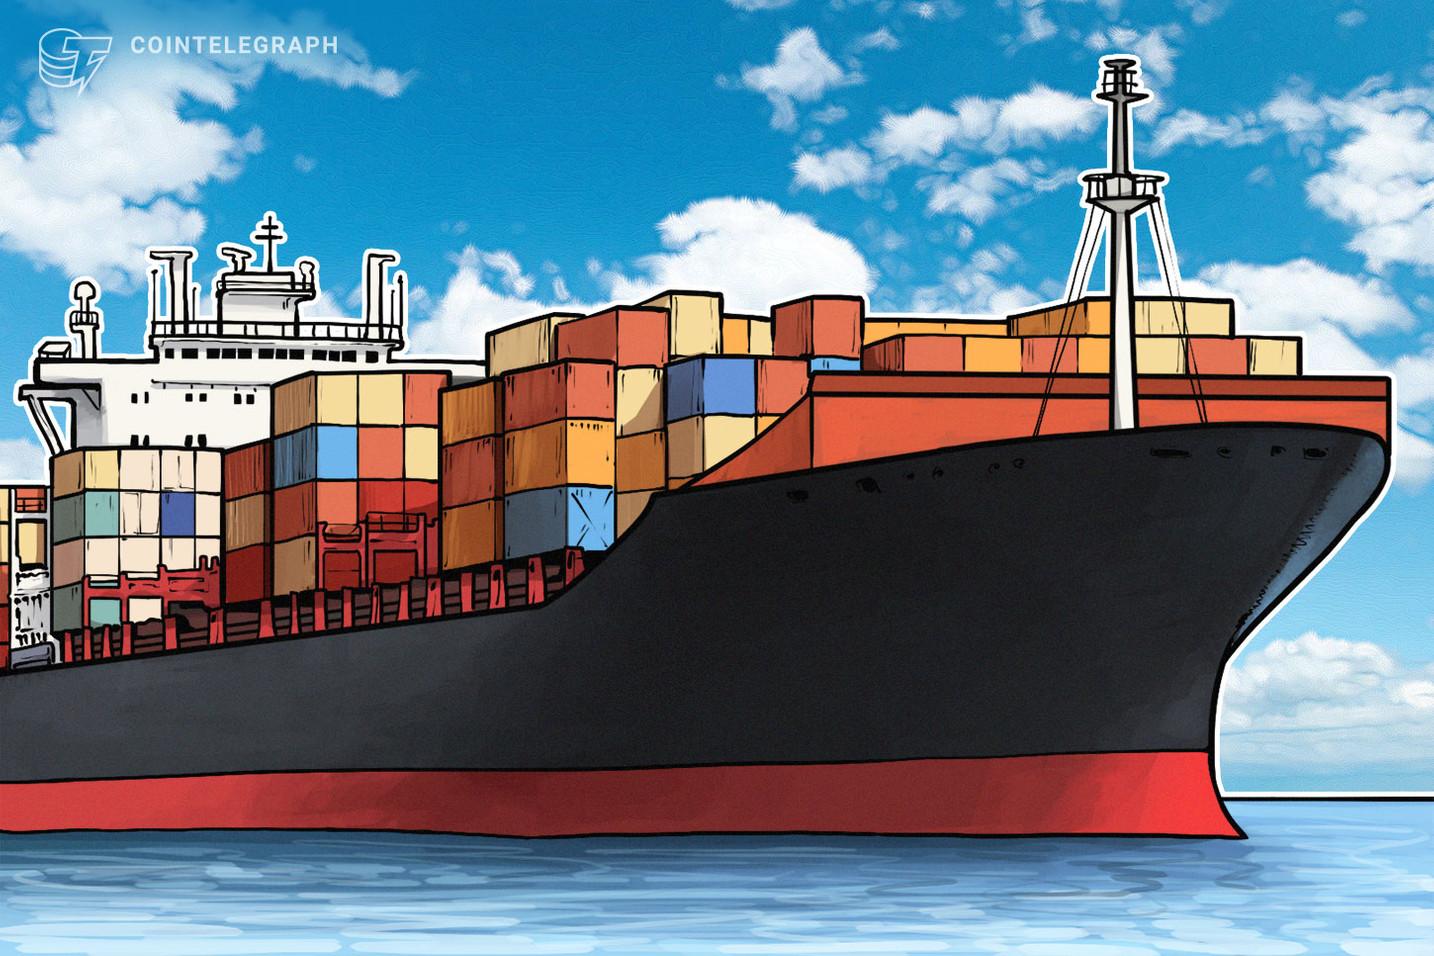 Britischer Hafenbetreiber will Transportlogistik mittels Blockchain verbessern